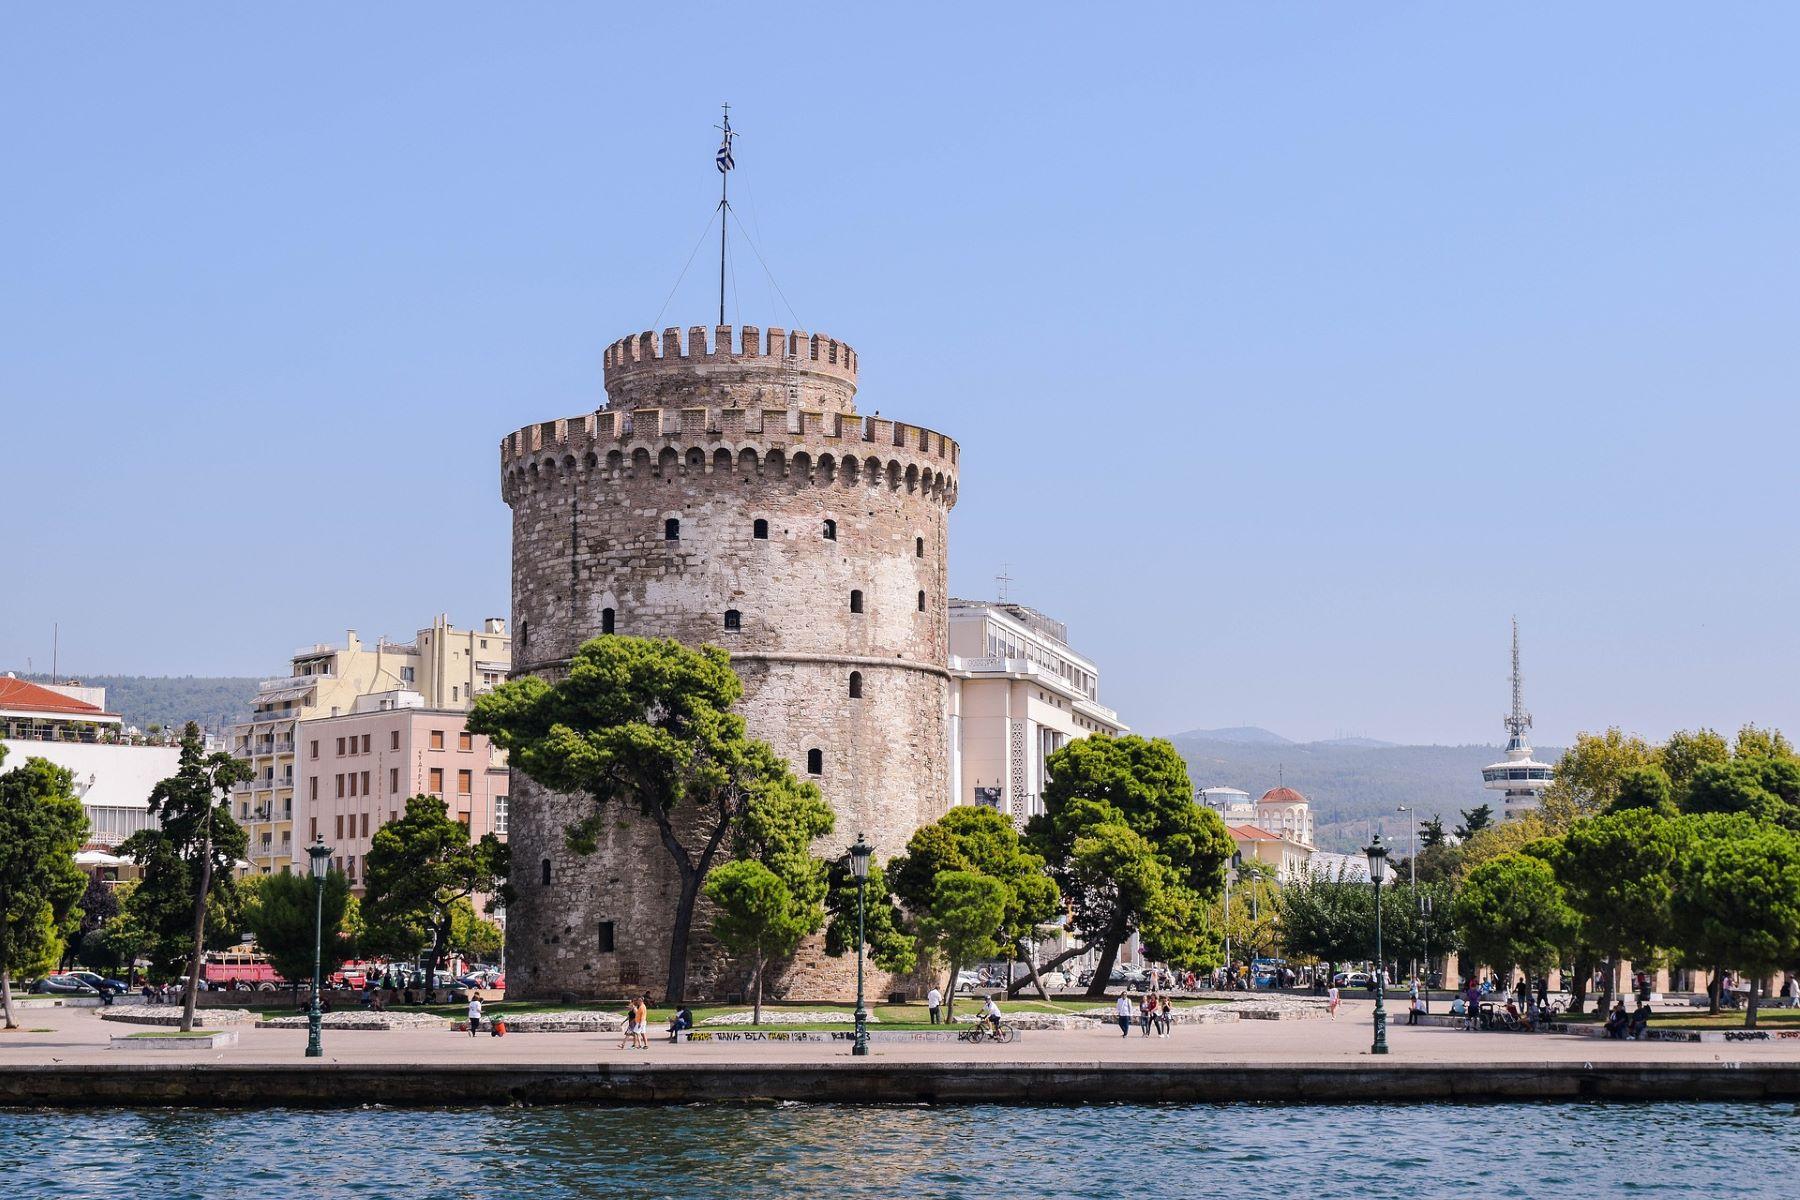 Τηλεδιάσκεψη Μητσοτάκη: Πλησιάζει στο «κόκκινο» η Θεσσαλονίκη